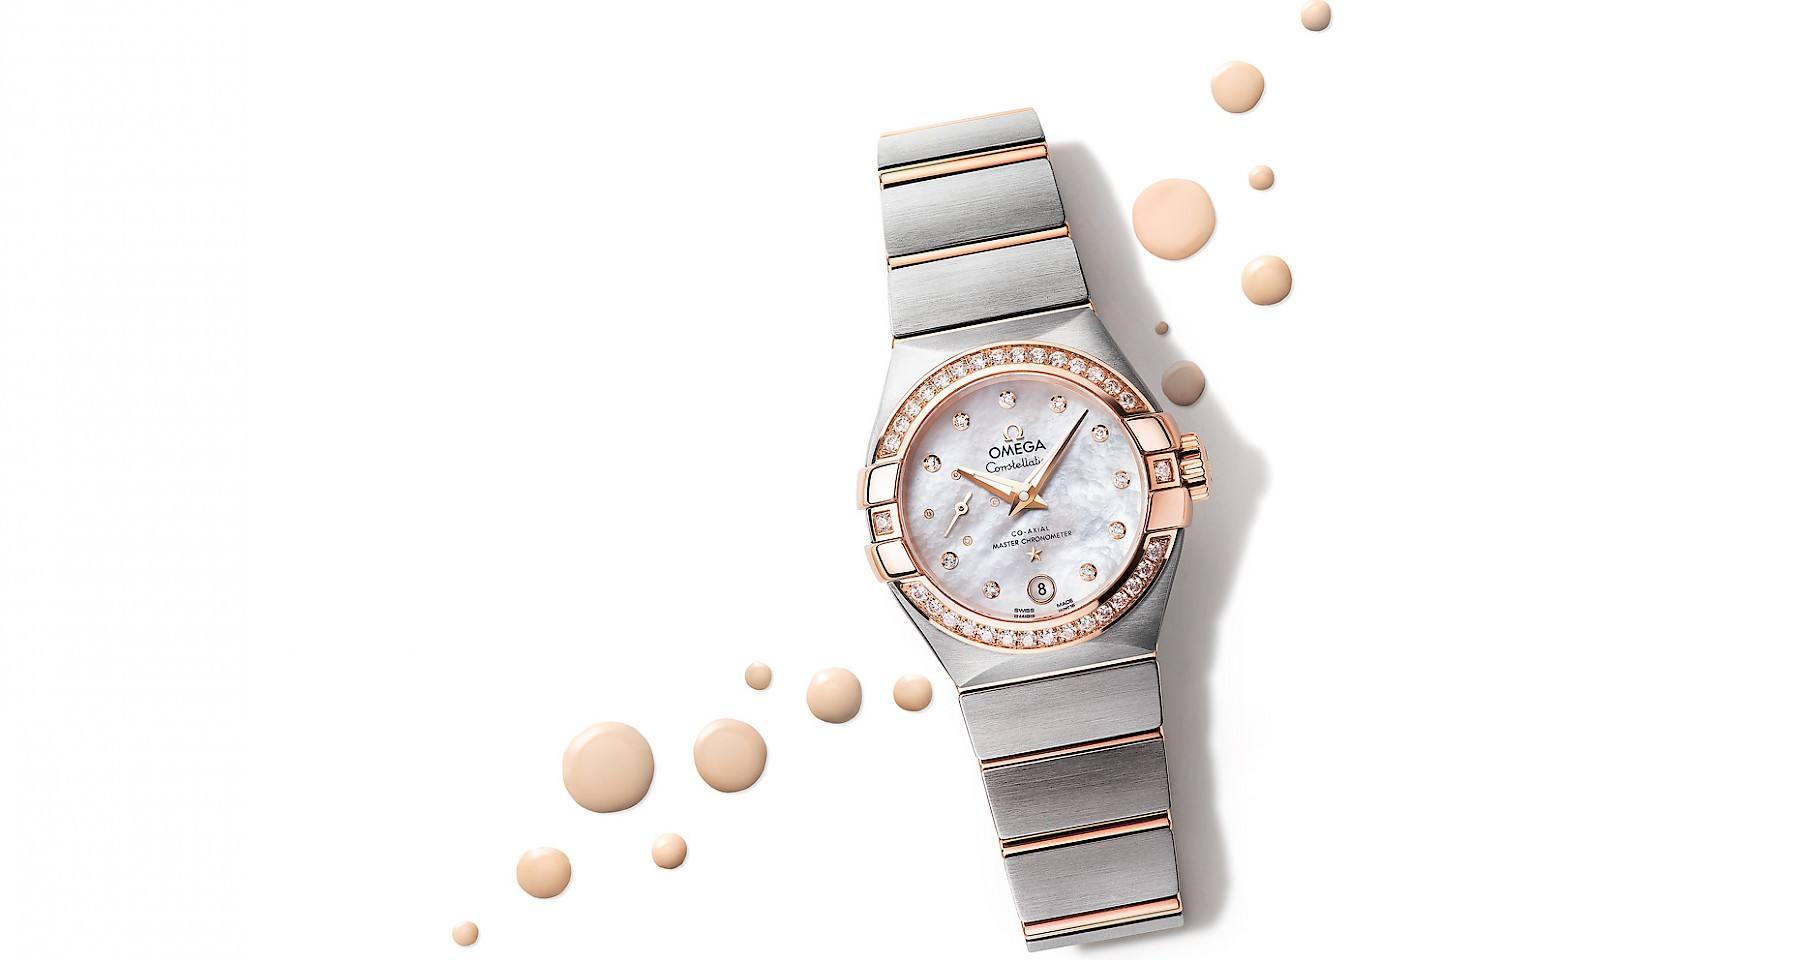 欧米茄(OMEGA)星座手表回收什么价格,一般多少钱